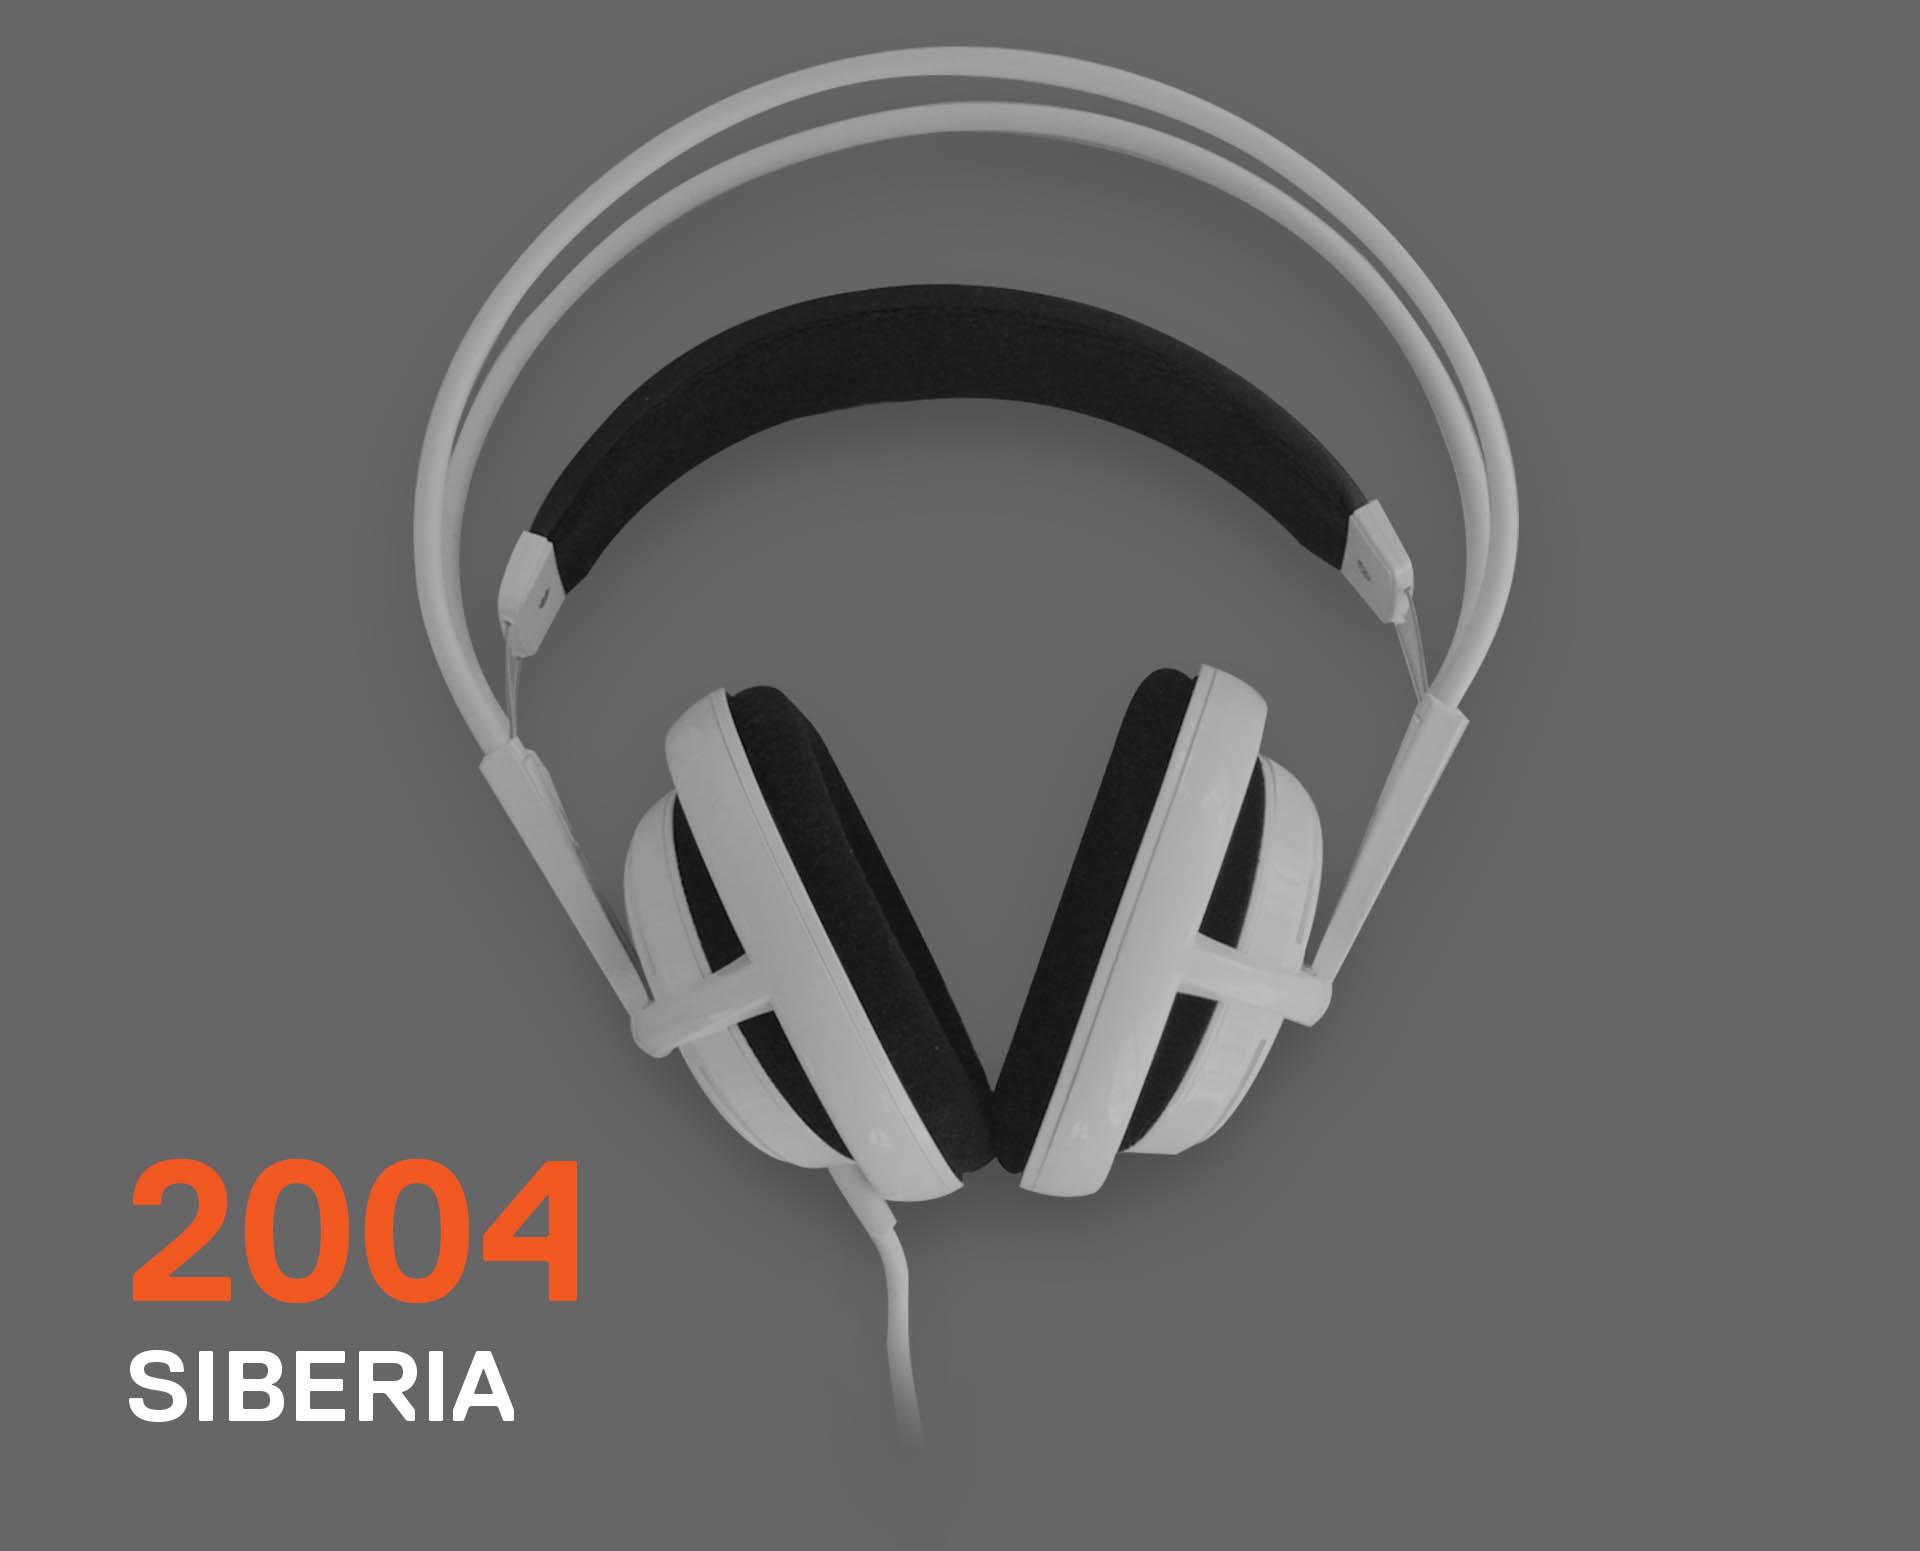 Steelseries Siberia Headset - 2004